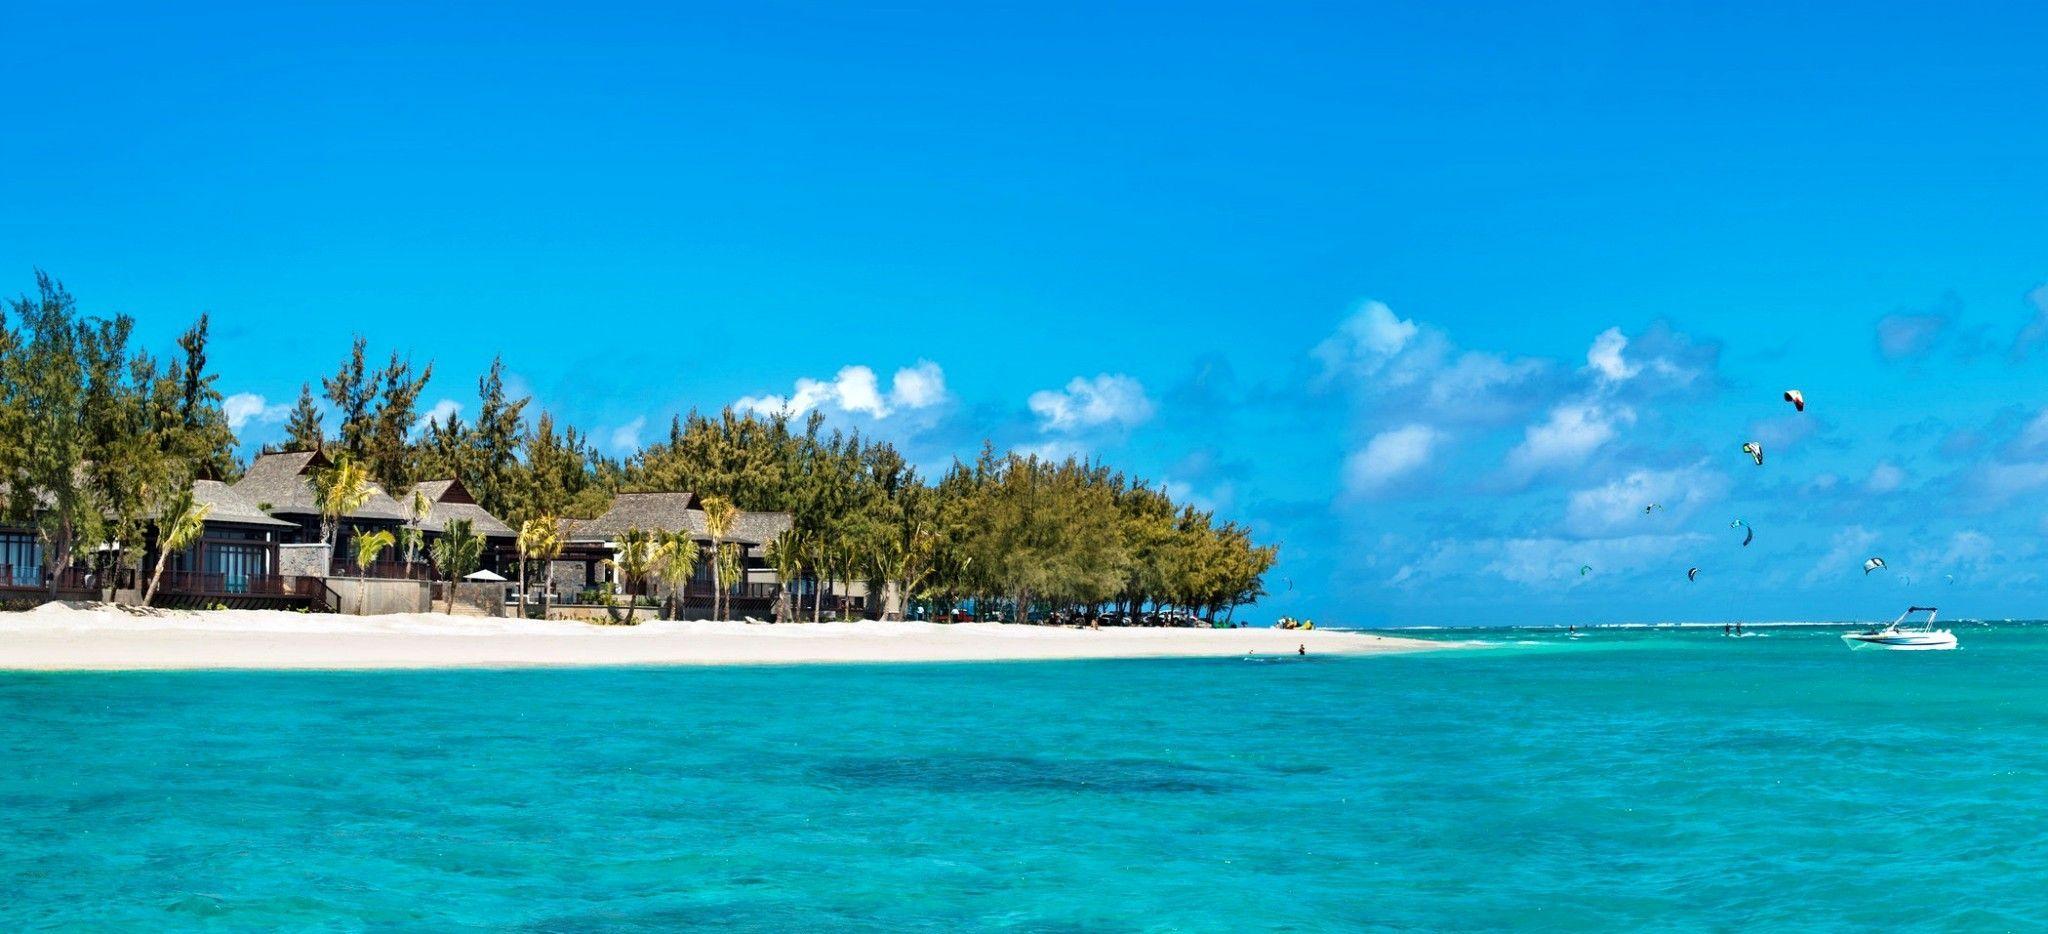 """Das Hotel """"St. Regis Mauritius"""" vom Meer her gesehen"""